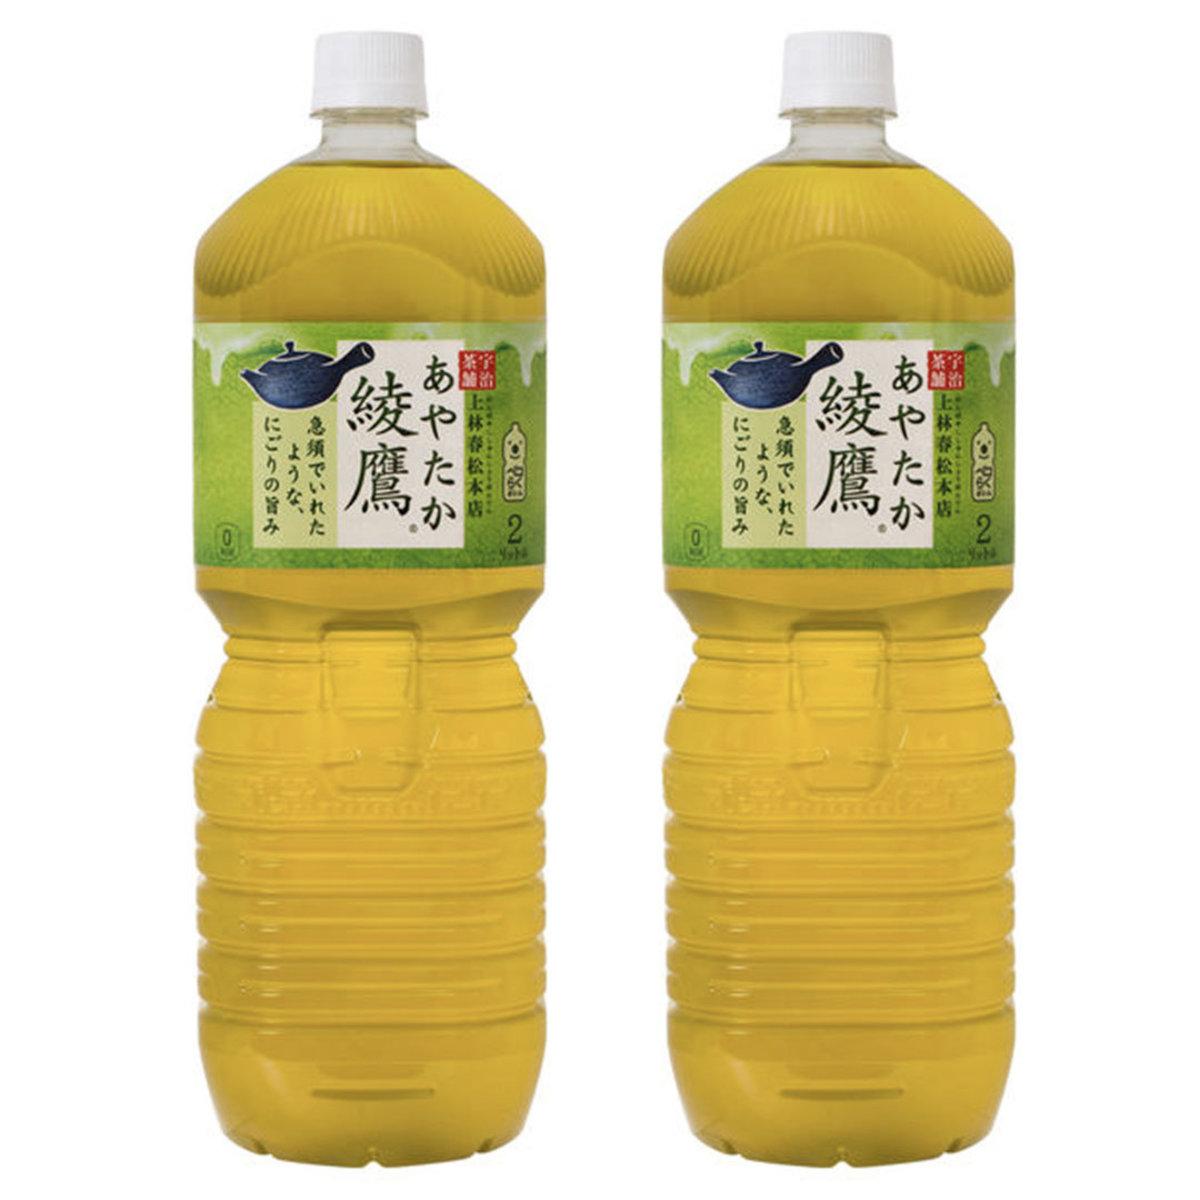 綾鷹綠茶 2L x 2